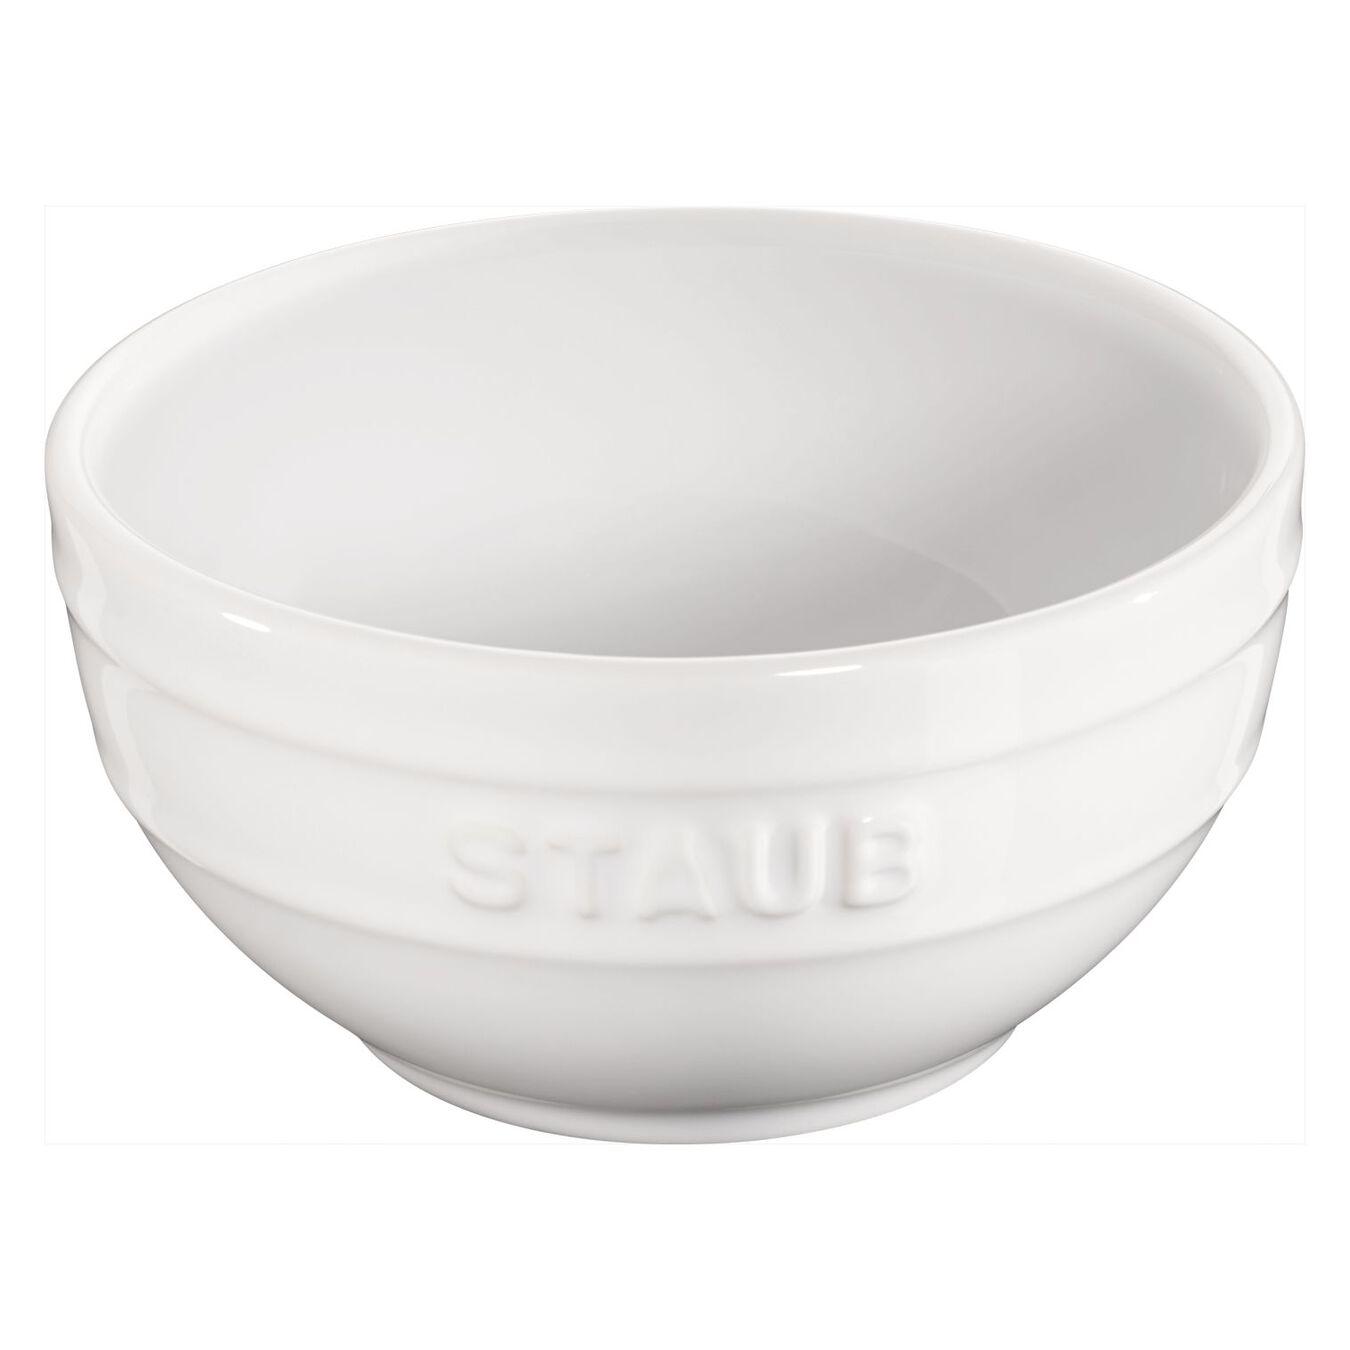 Ciotola rotonda - 14 cm, Colore bianco puro,,large 2